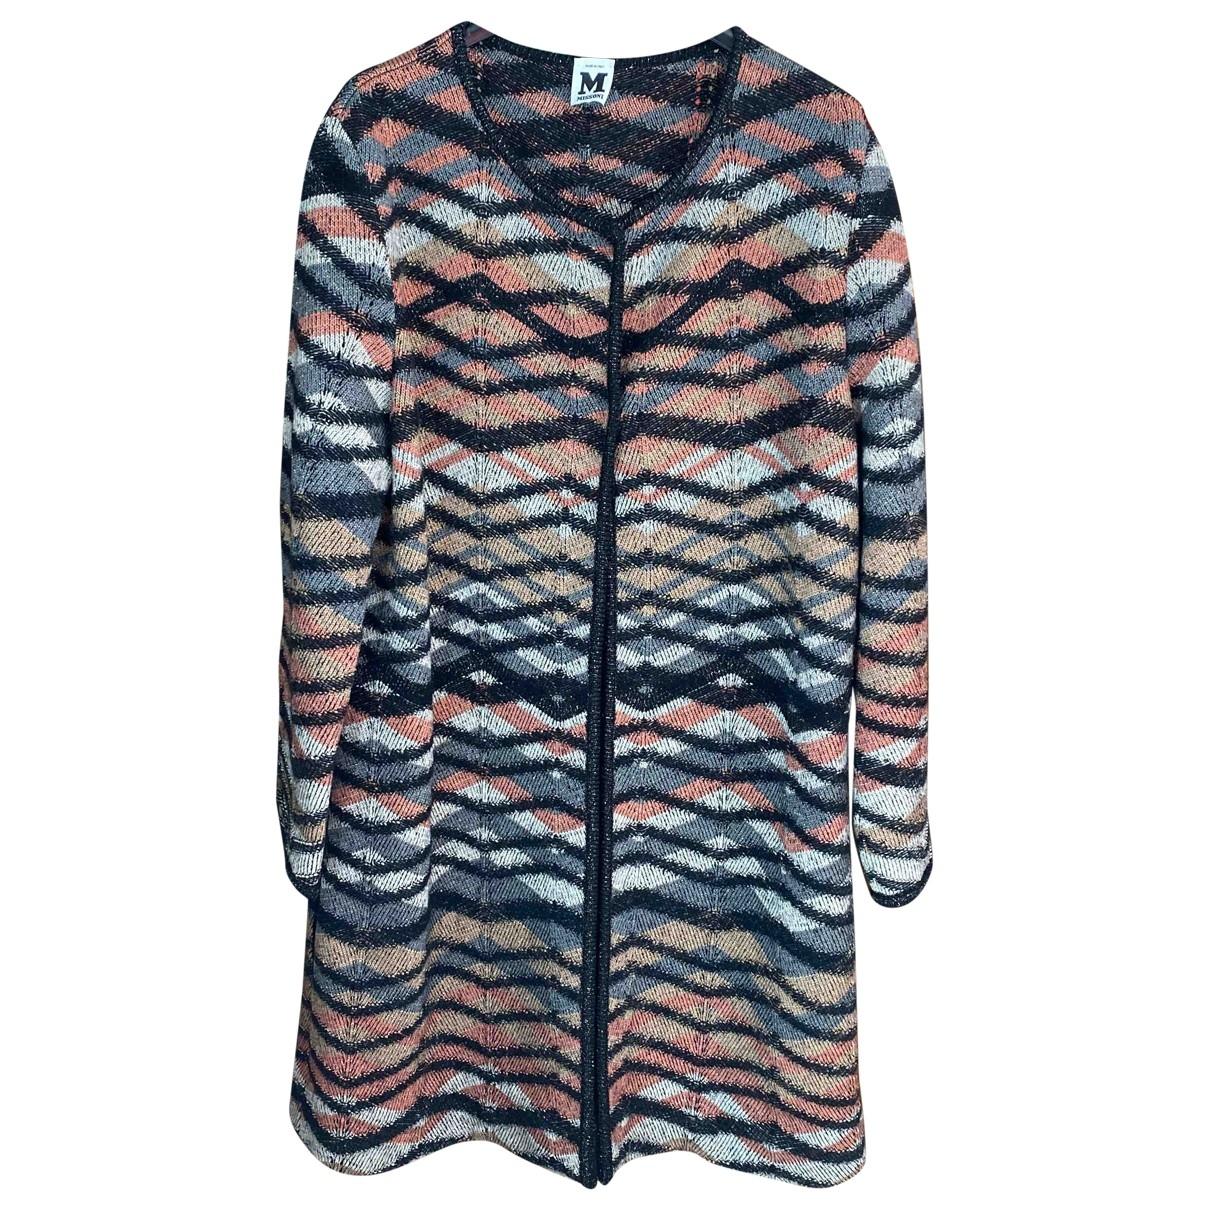 M Missoni - Manteau   pour femme en laine - multicolore